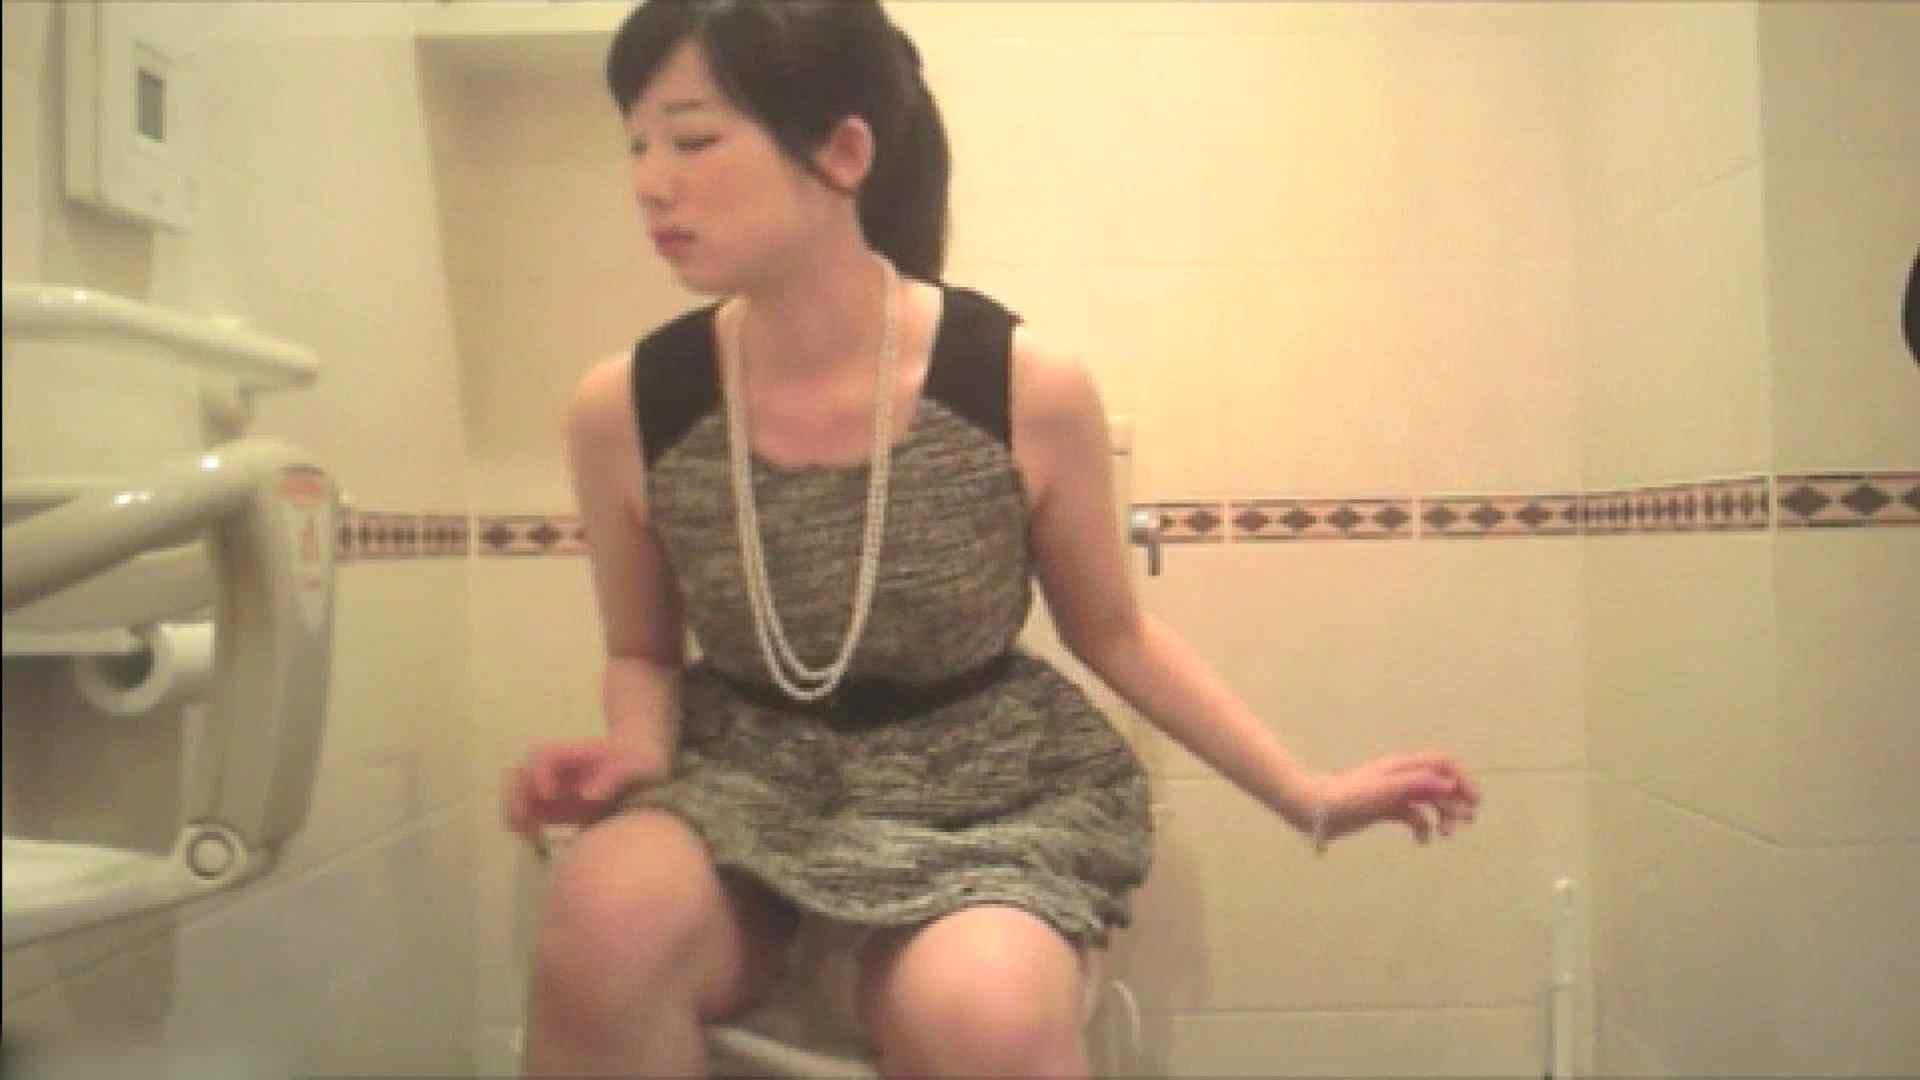 実録!!綺麗なお姉さんのトイレ事情・・・。vol.17 洗面所  68枚 67